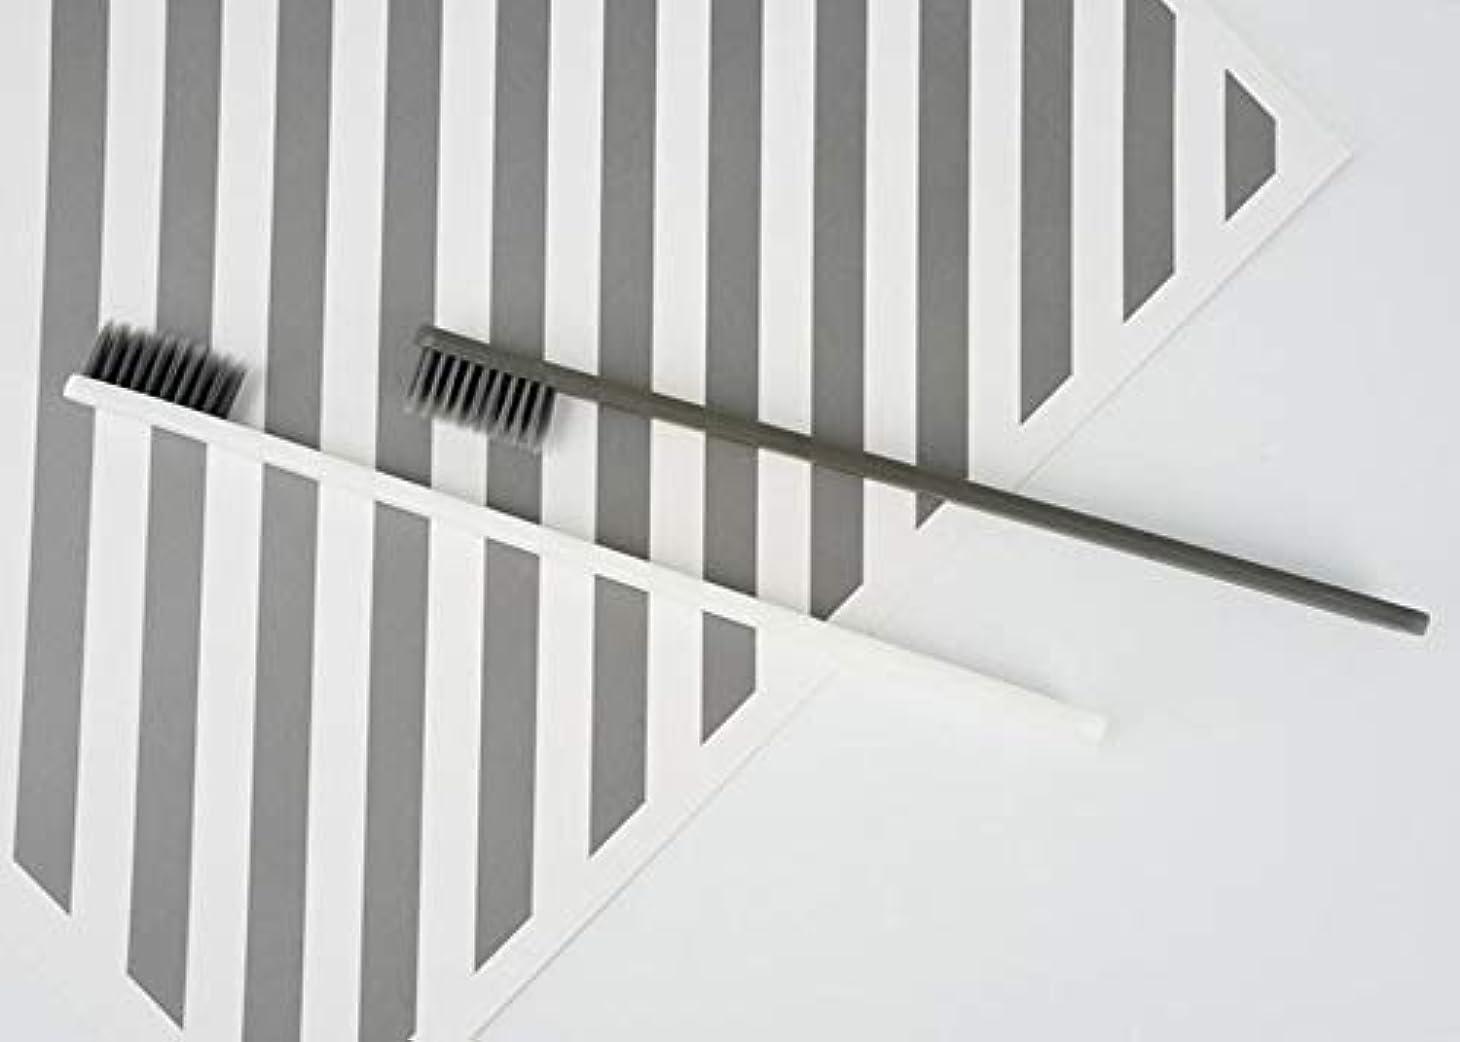 カストディアン盆地強制的ホテル歯ブラシ - 5個のファッション 活性炭歯ブラシ 家族のための 口腔洗浄ツール(グレー)